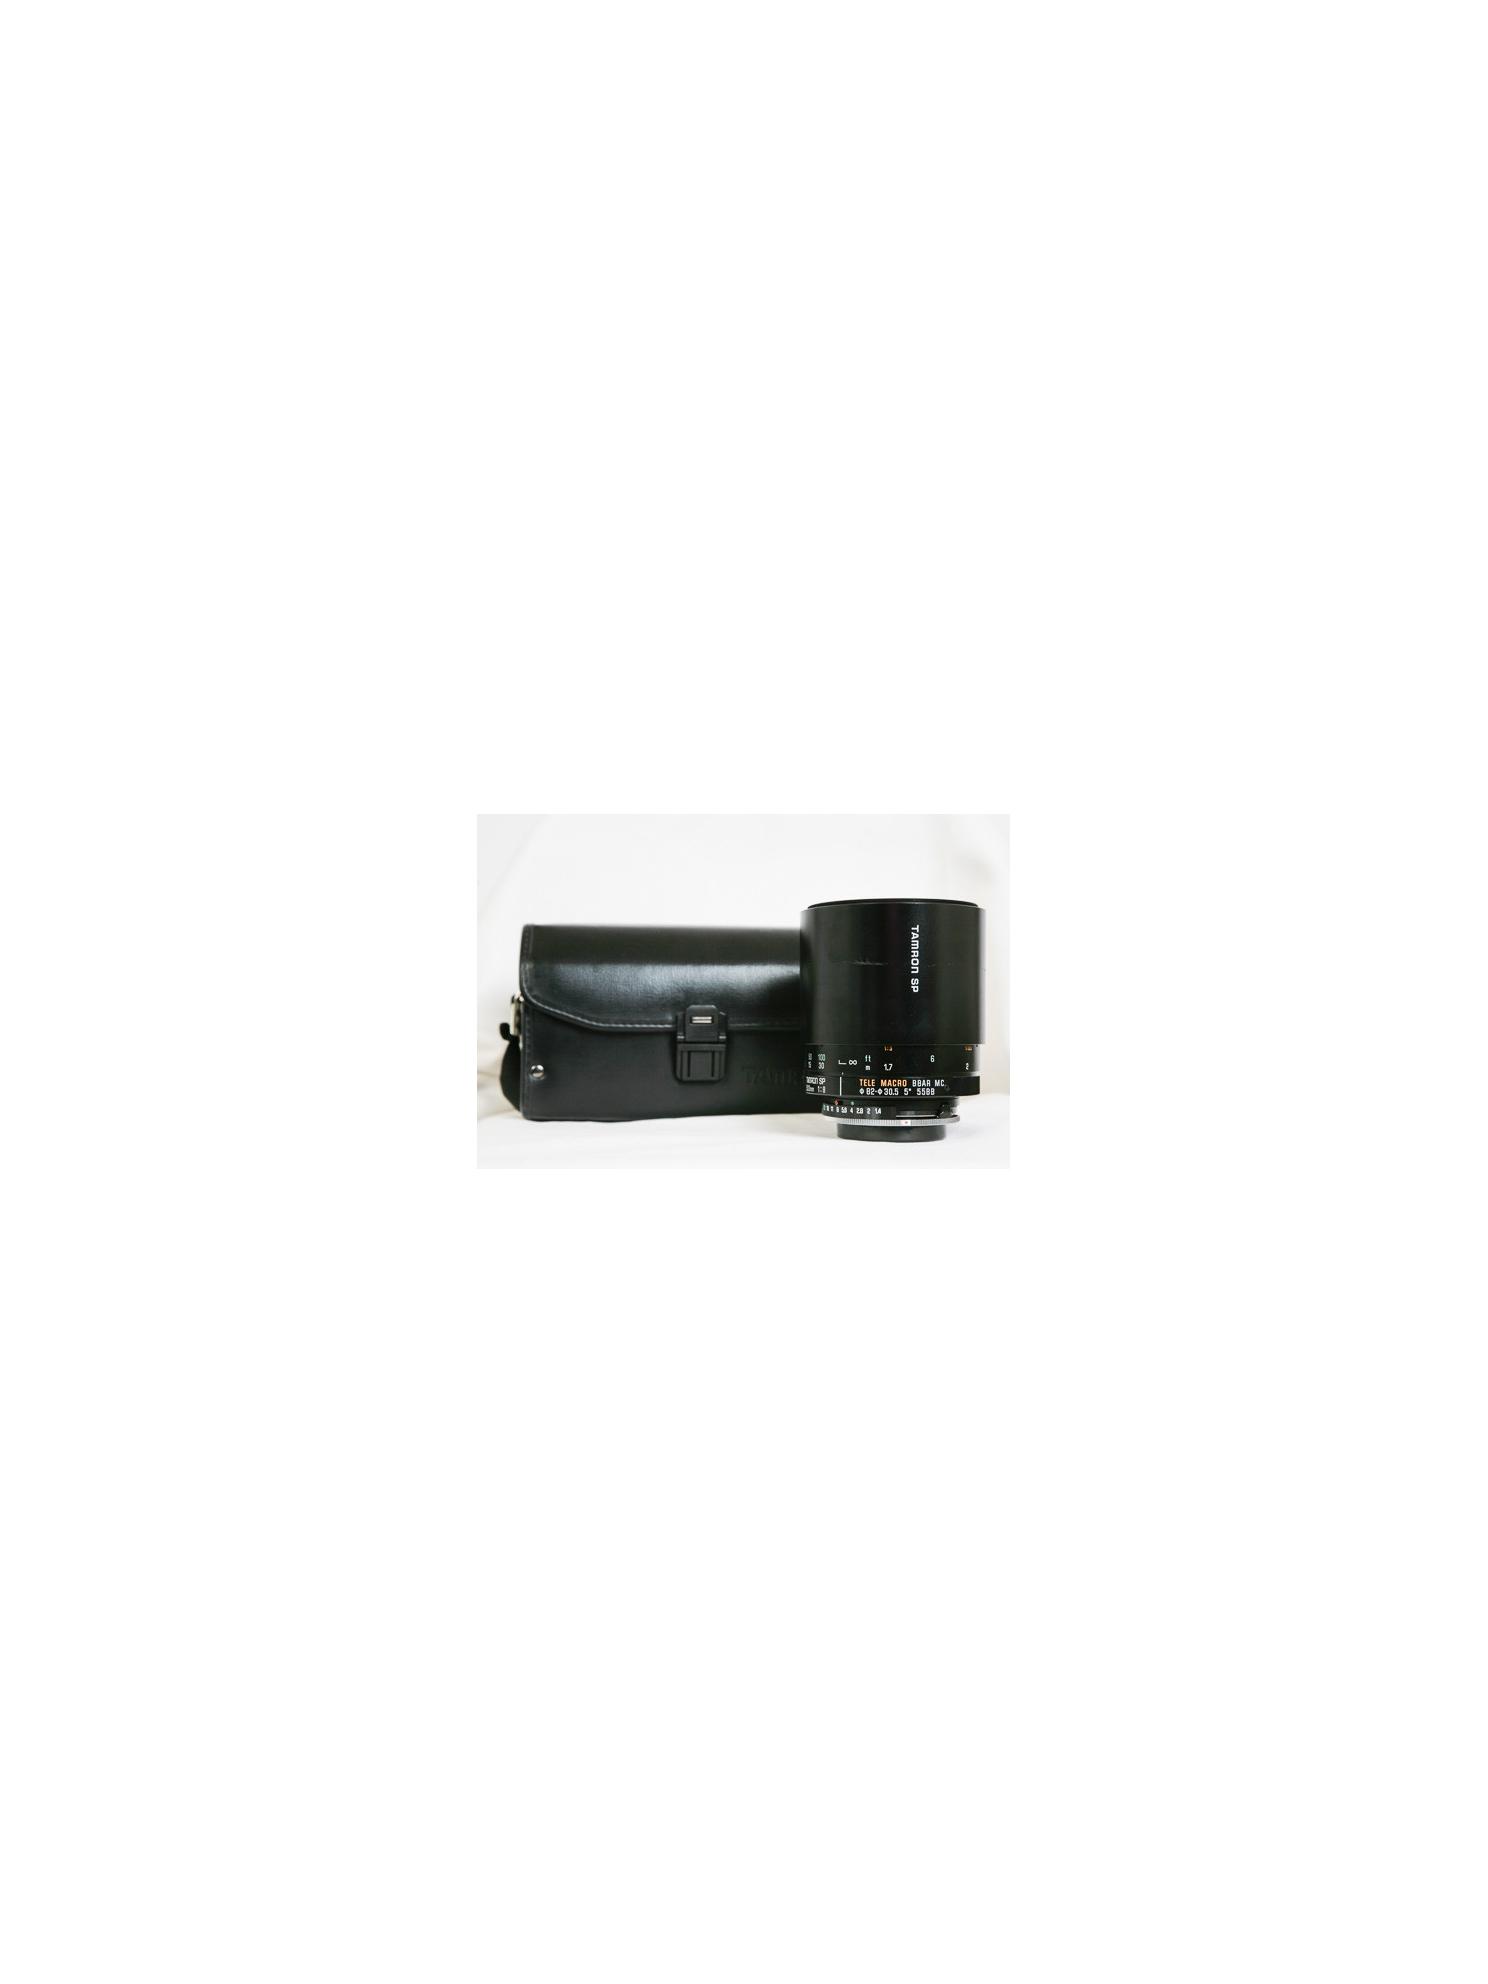 Tamron 500mm 8 sn°6012